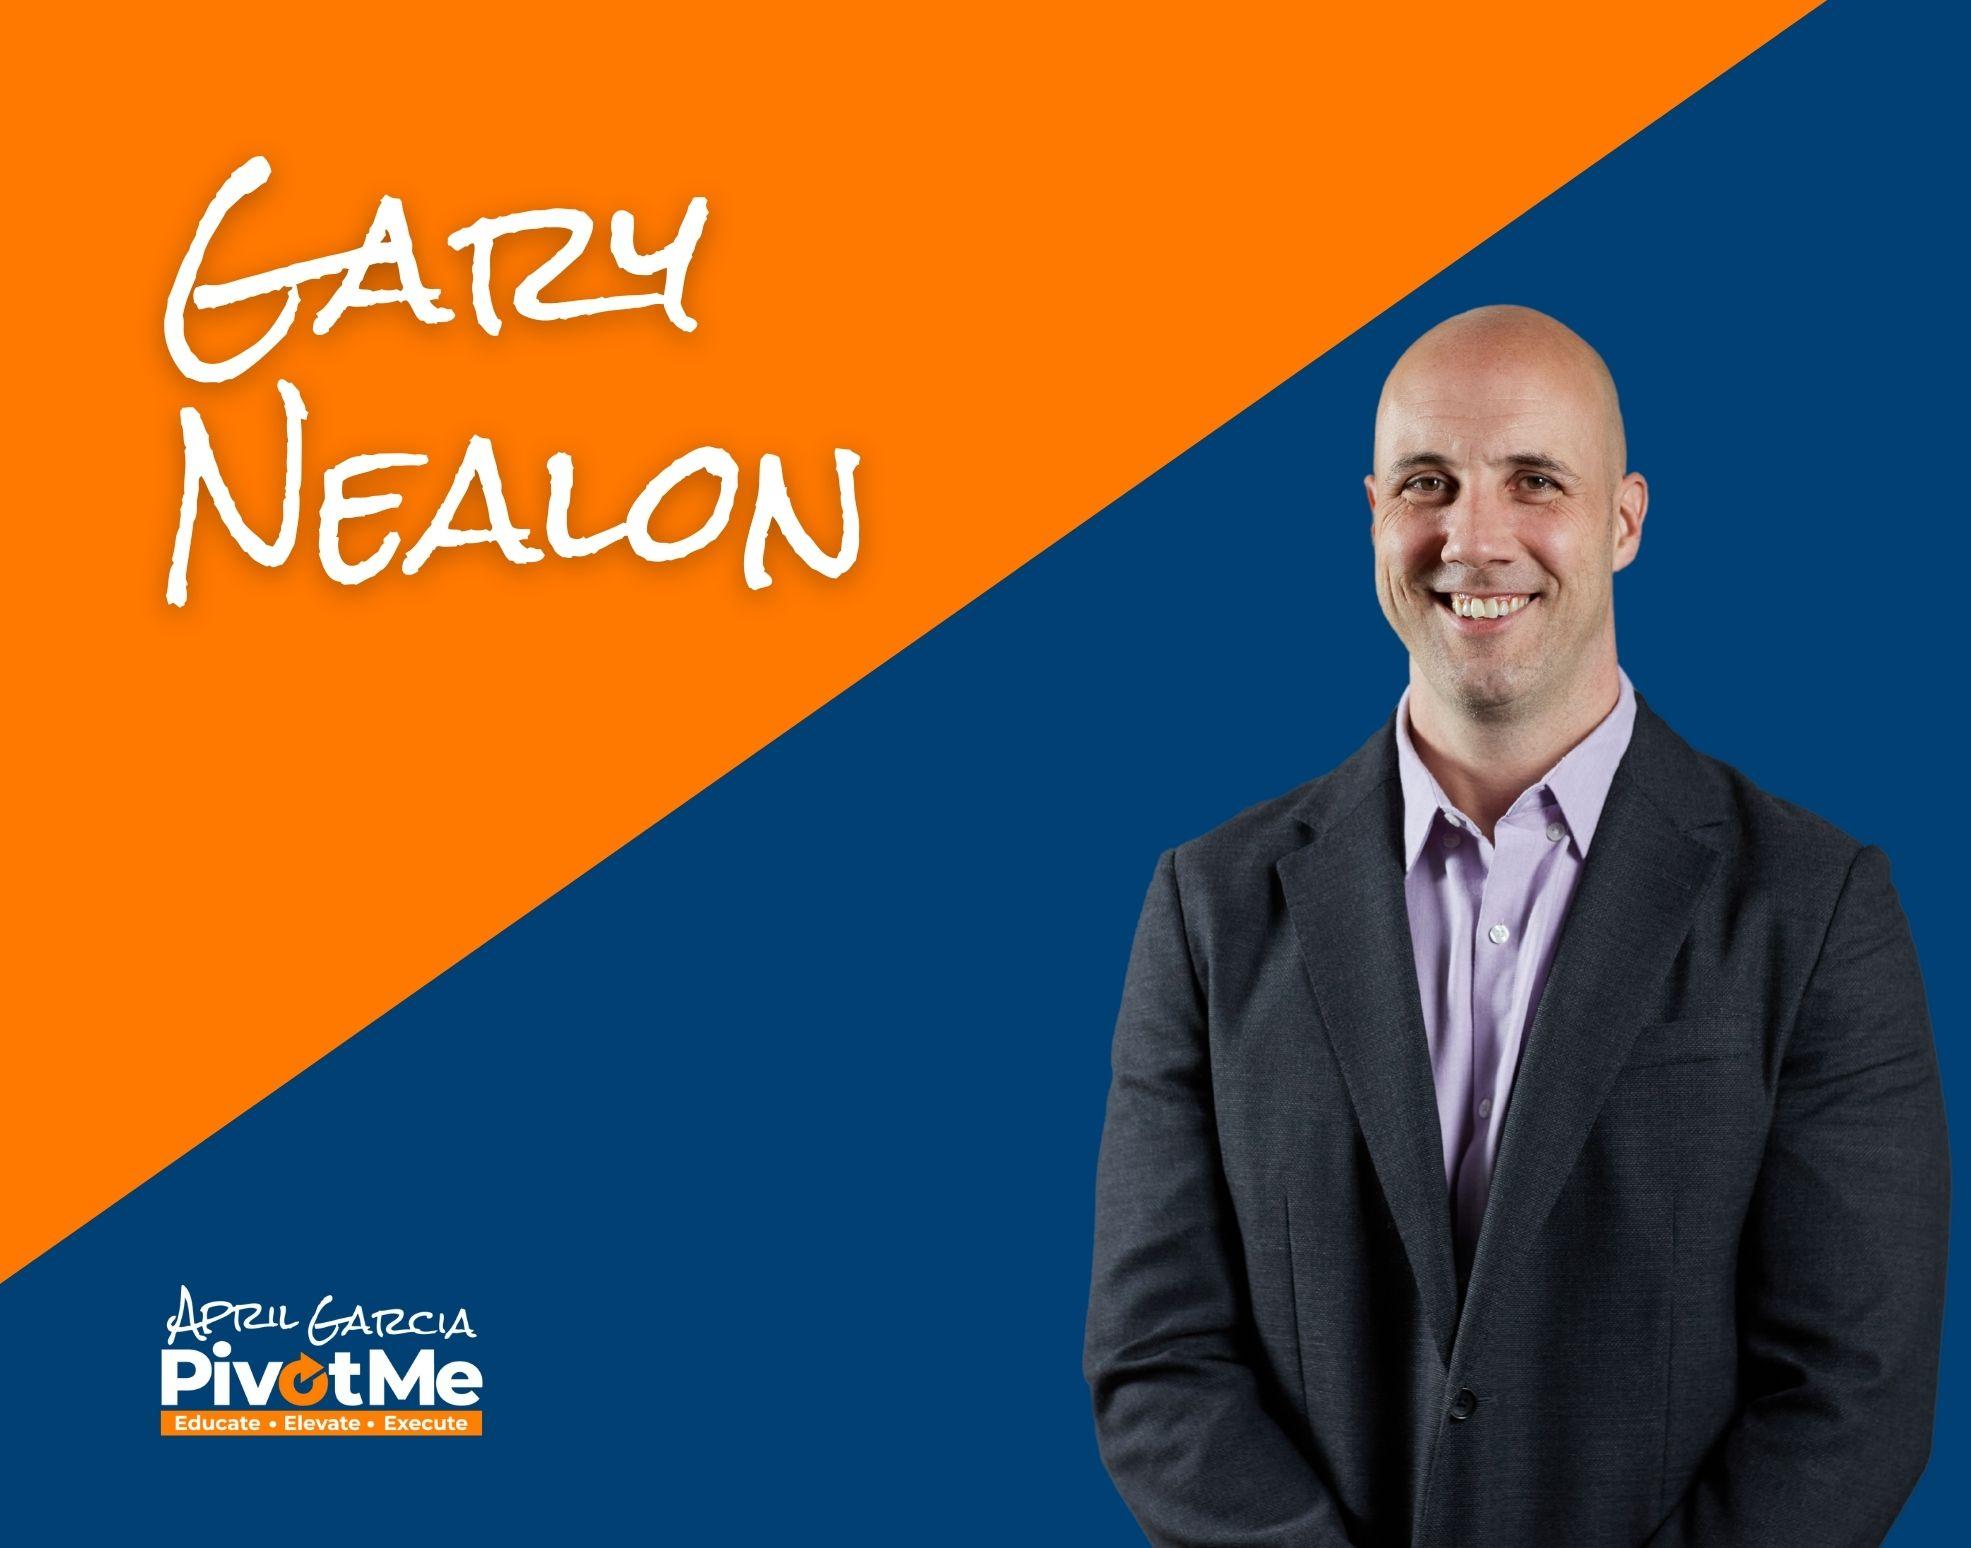 Gary Nealon